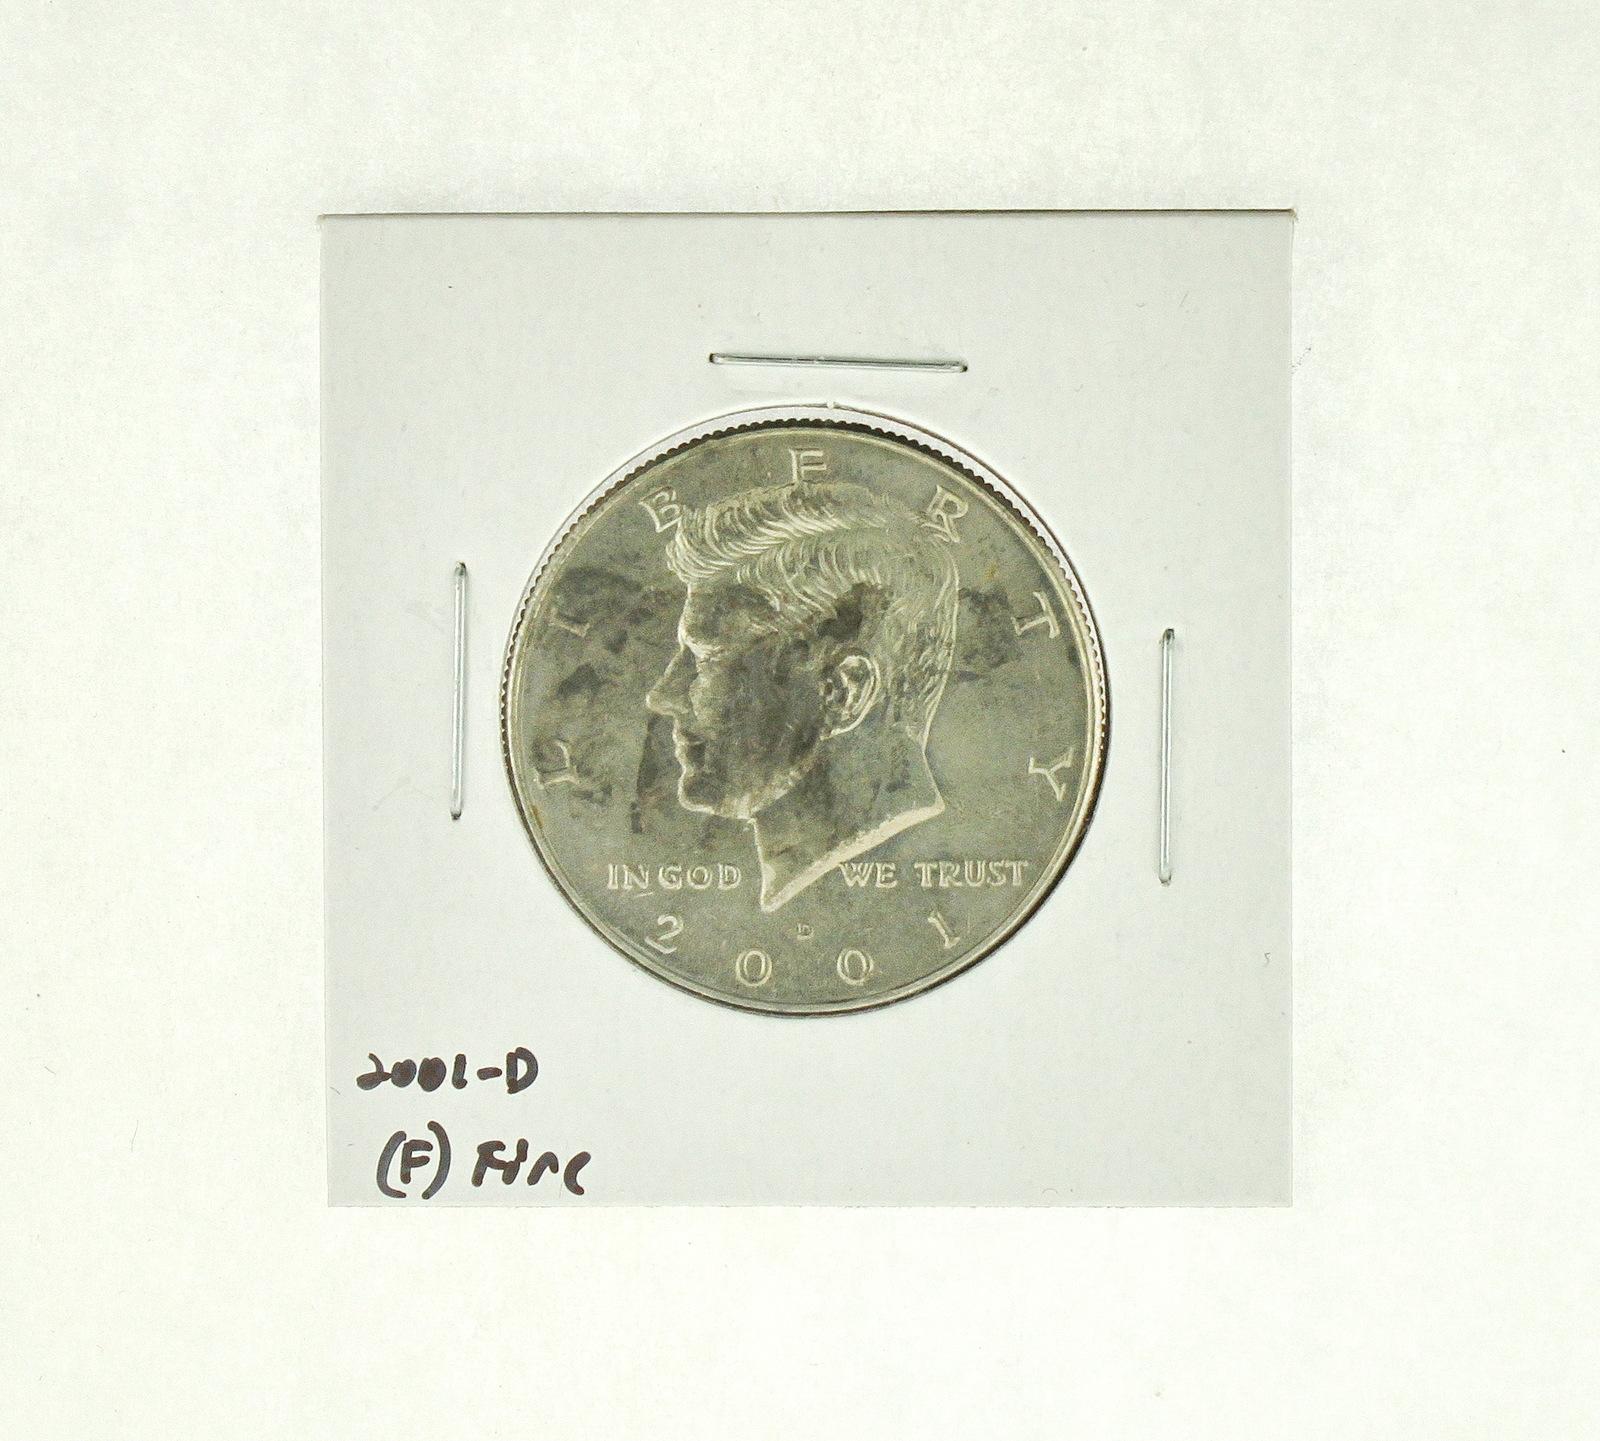 2001-D Kennedy Half Dollar (F) Fine N2-4032-3